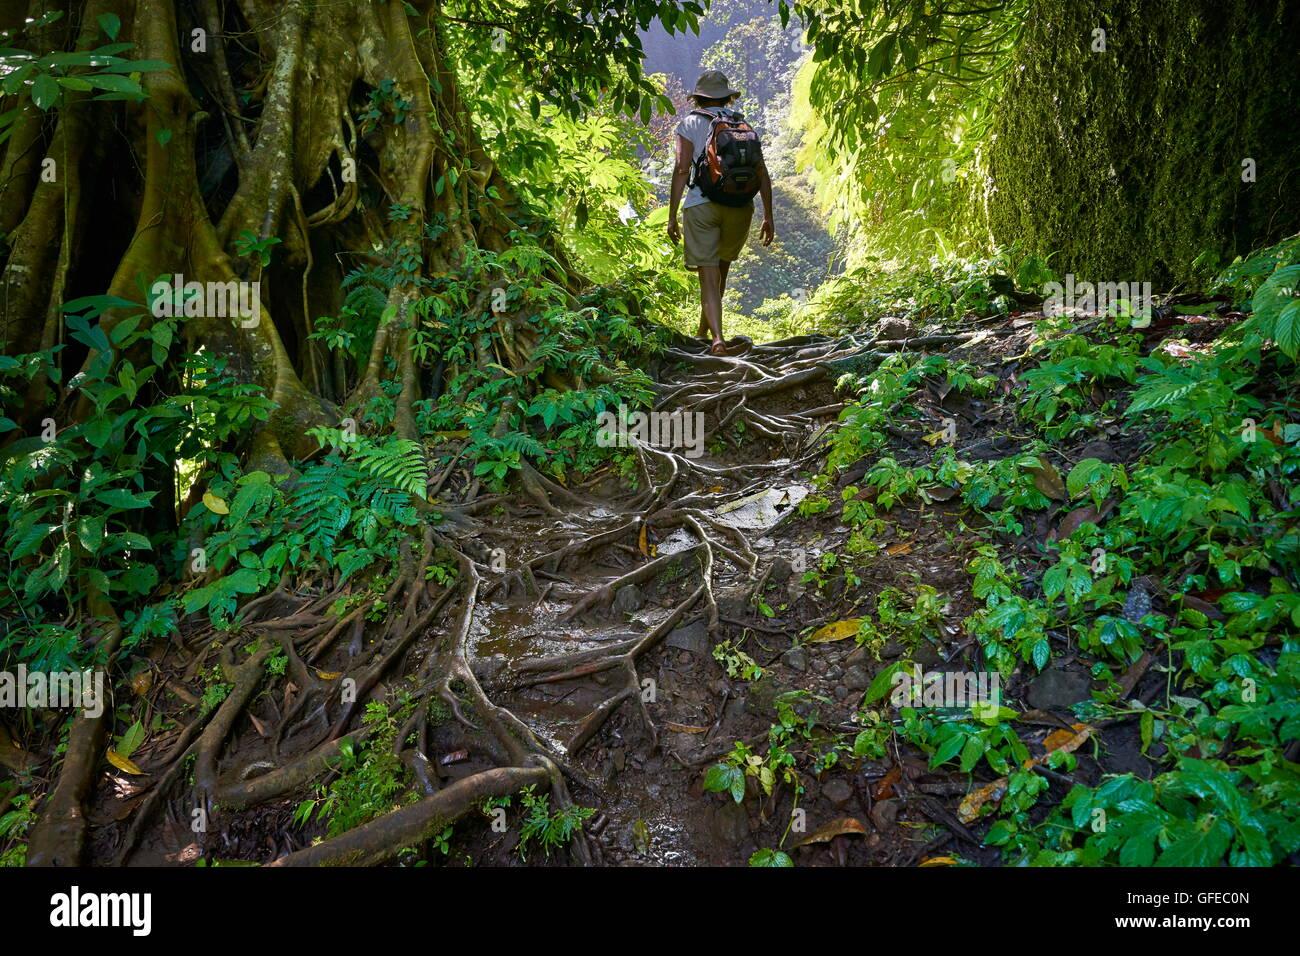 Tourist trekking attraverso la foresta tropicale, Bali, Indonesia Immagini Stock